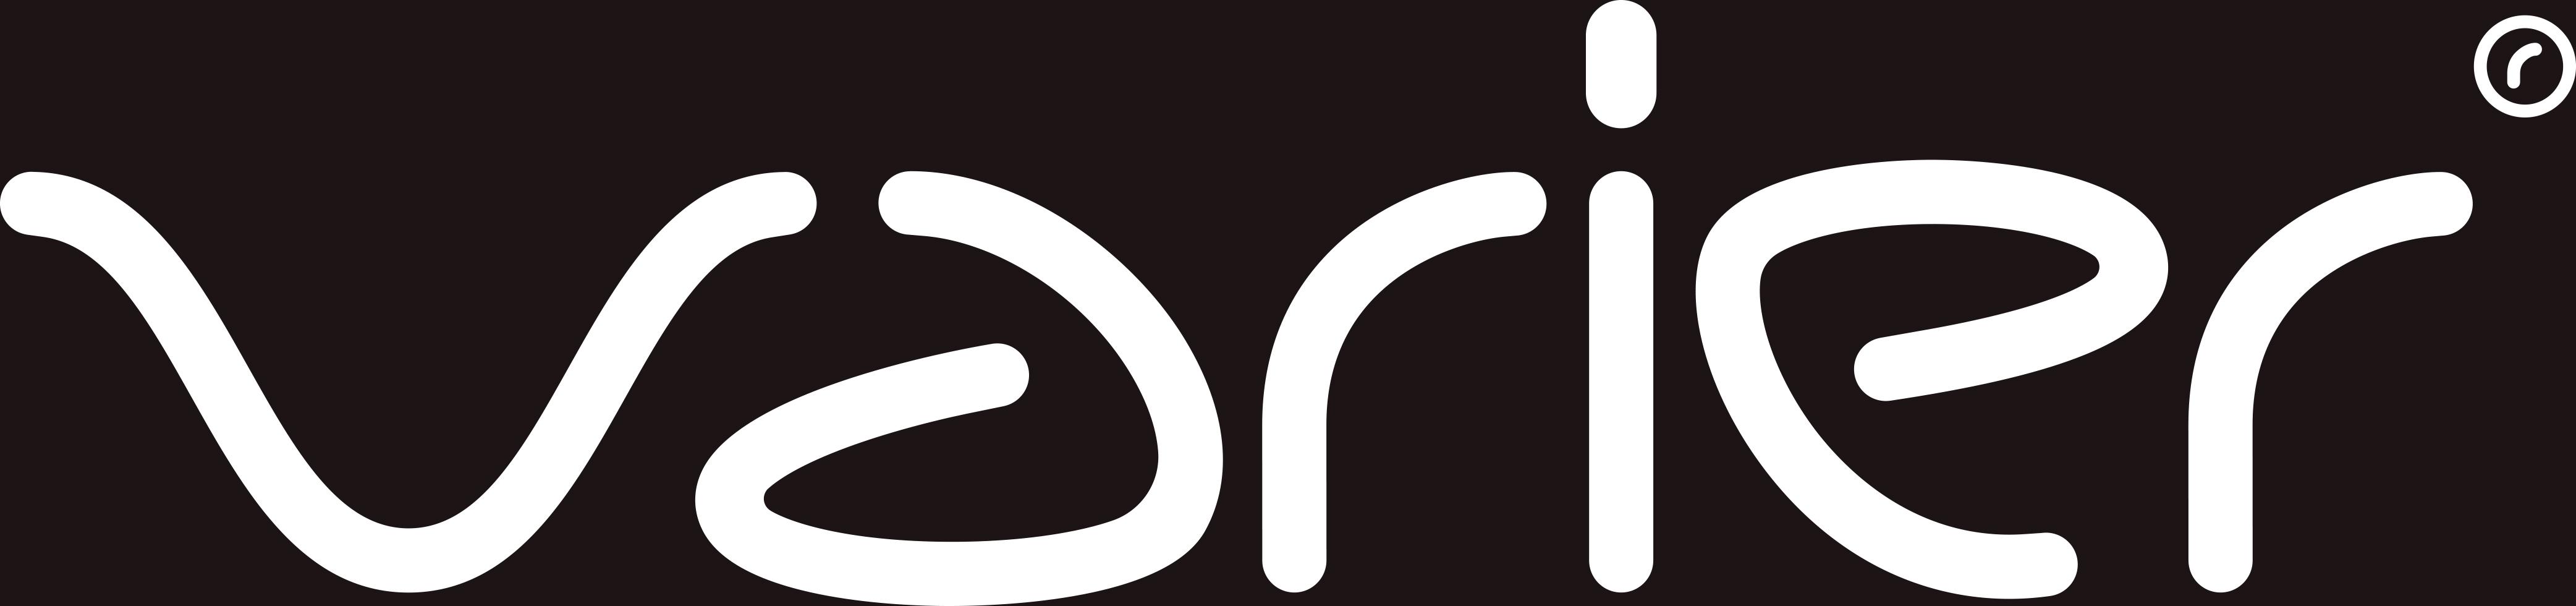 logo var8